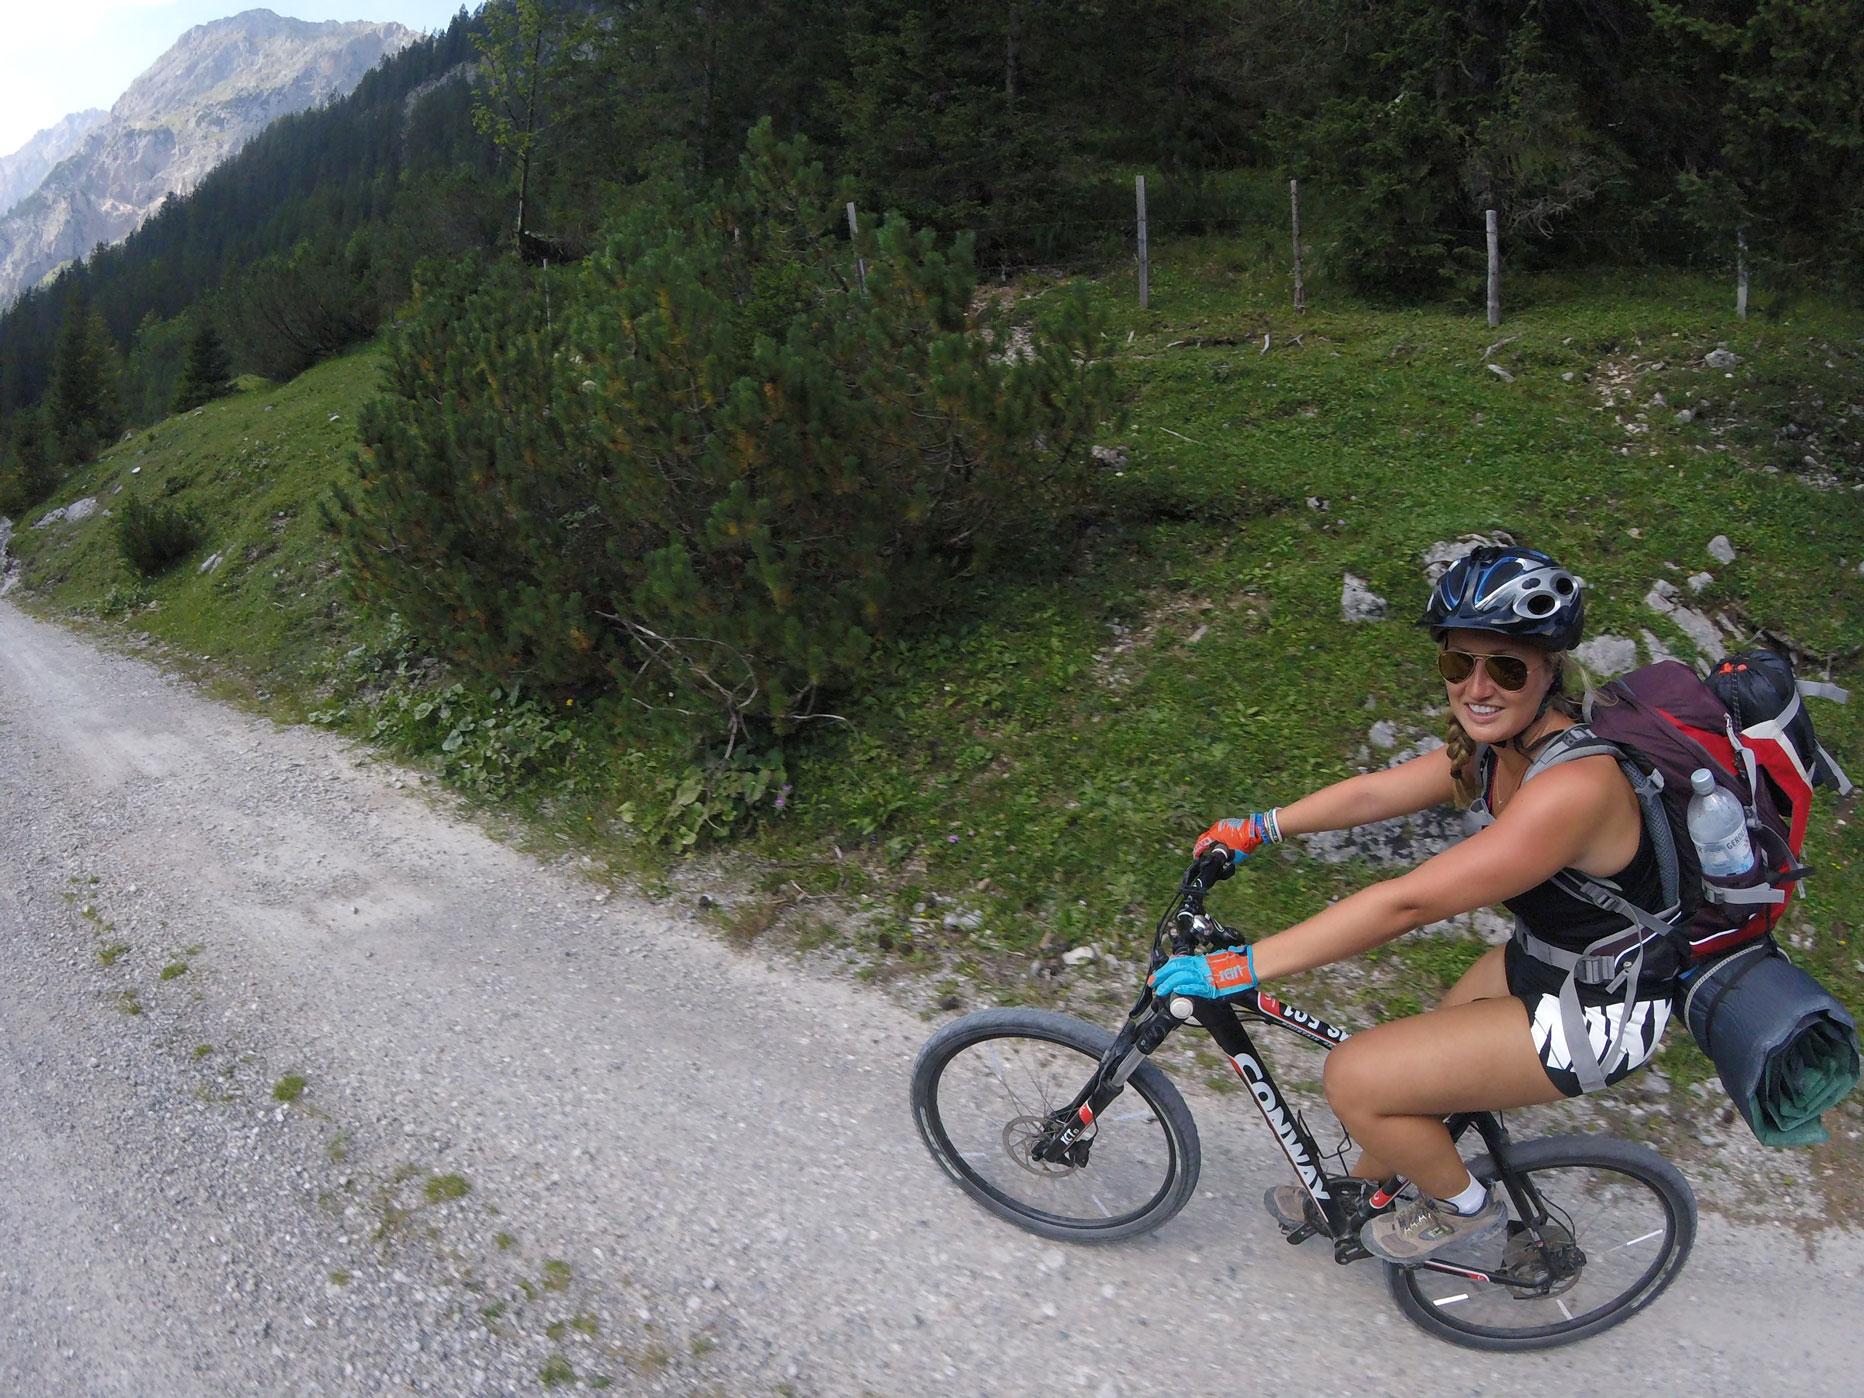 munichmountaingirls-evemuc-eva-schuler-wandern-Birkkarspitze-Bike-Hike